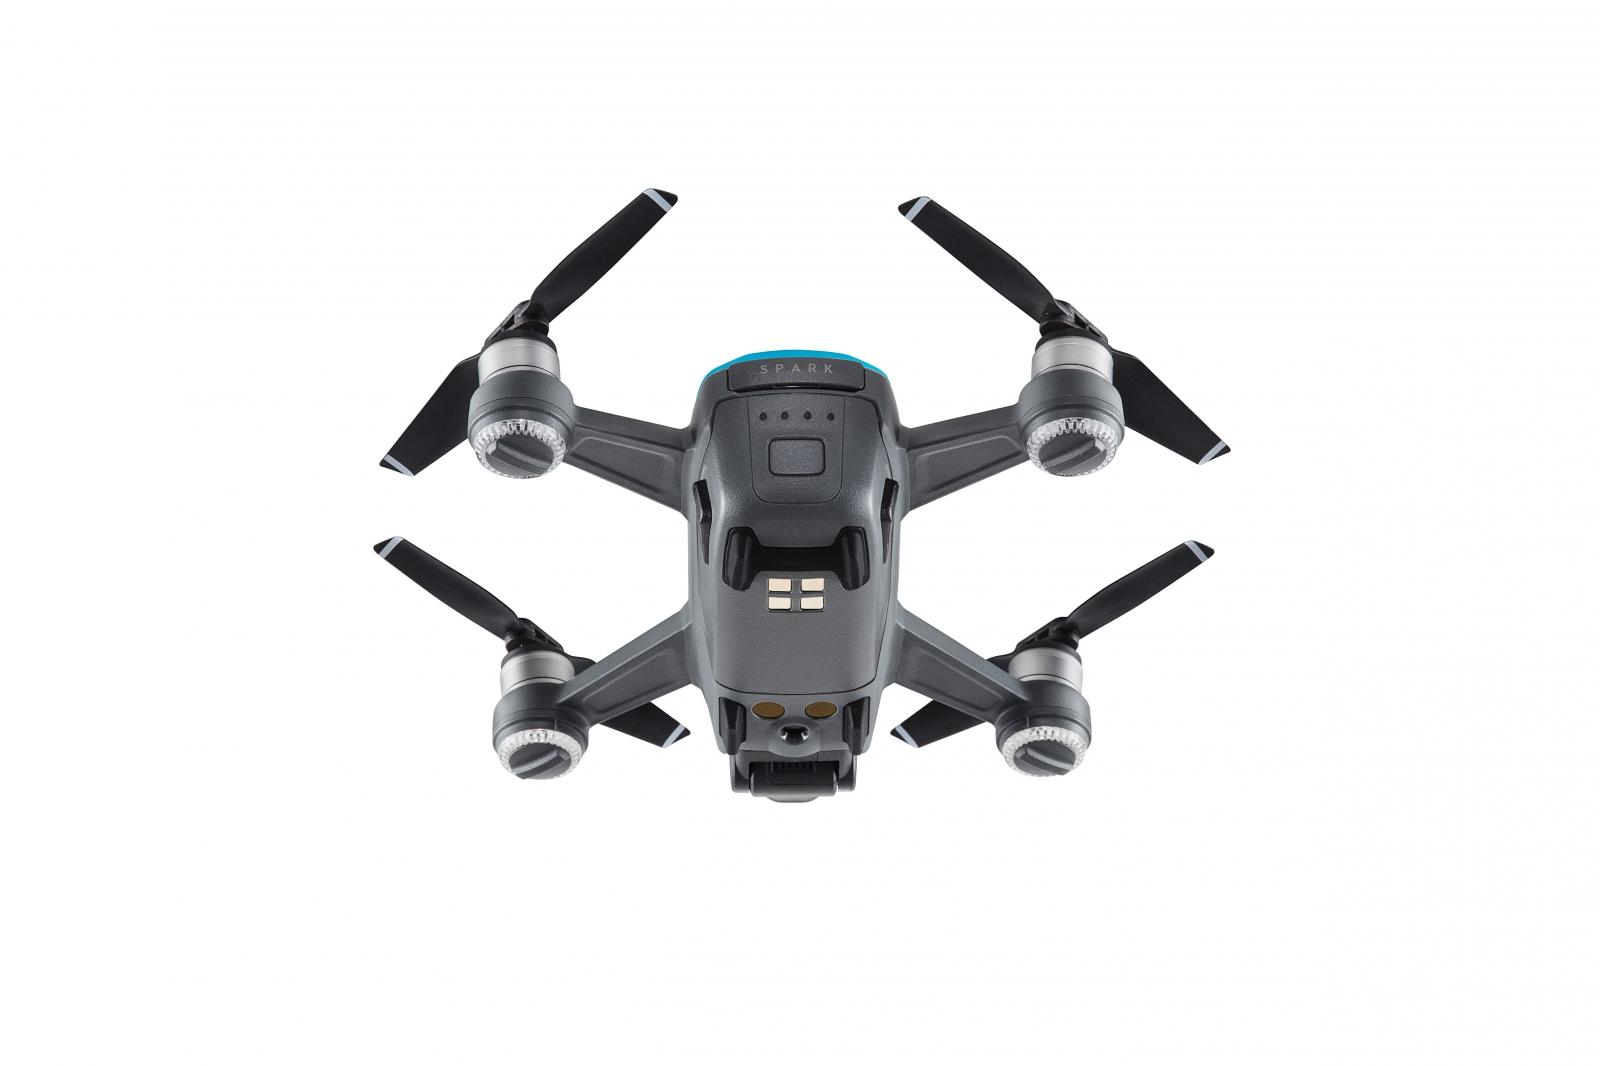 DJI Spark drone base in blue